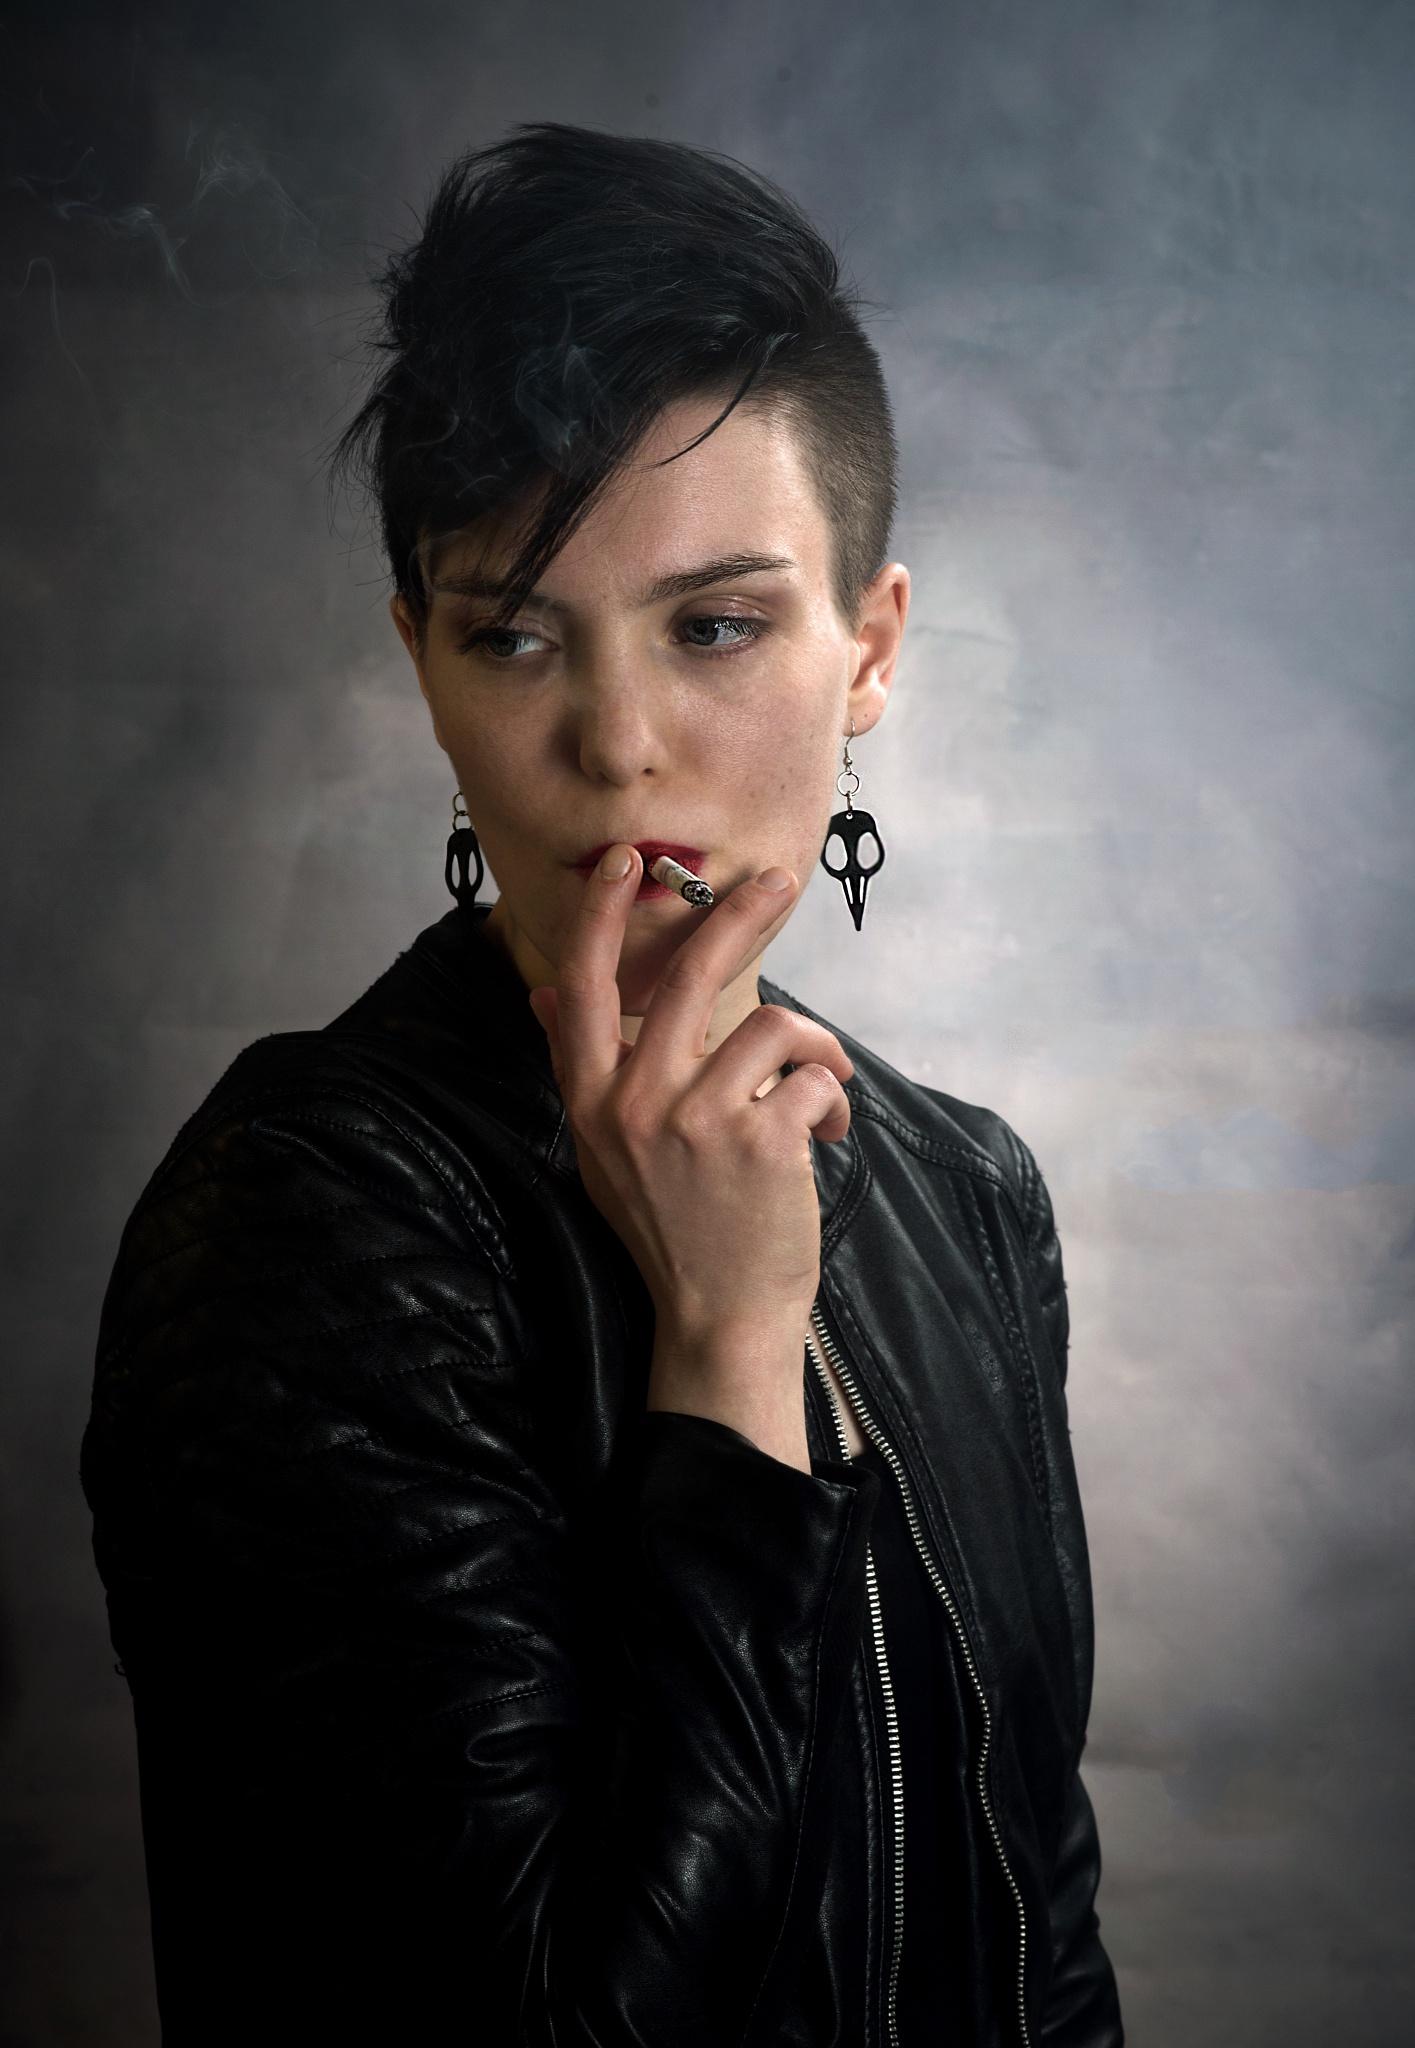 Having a cigarette by Veli-Matti Launio